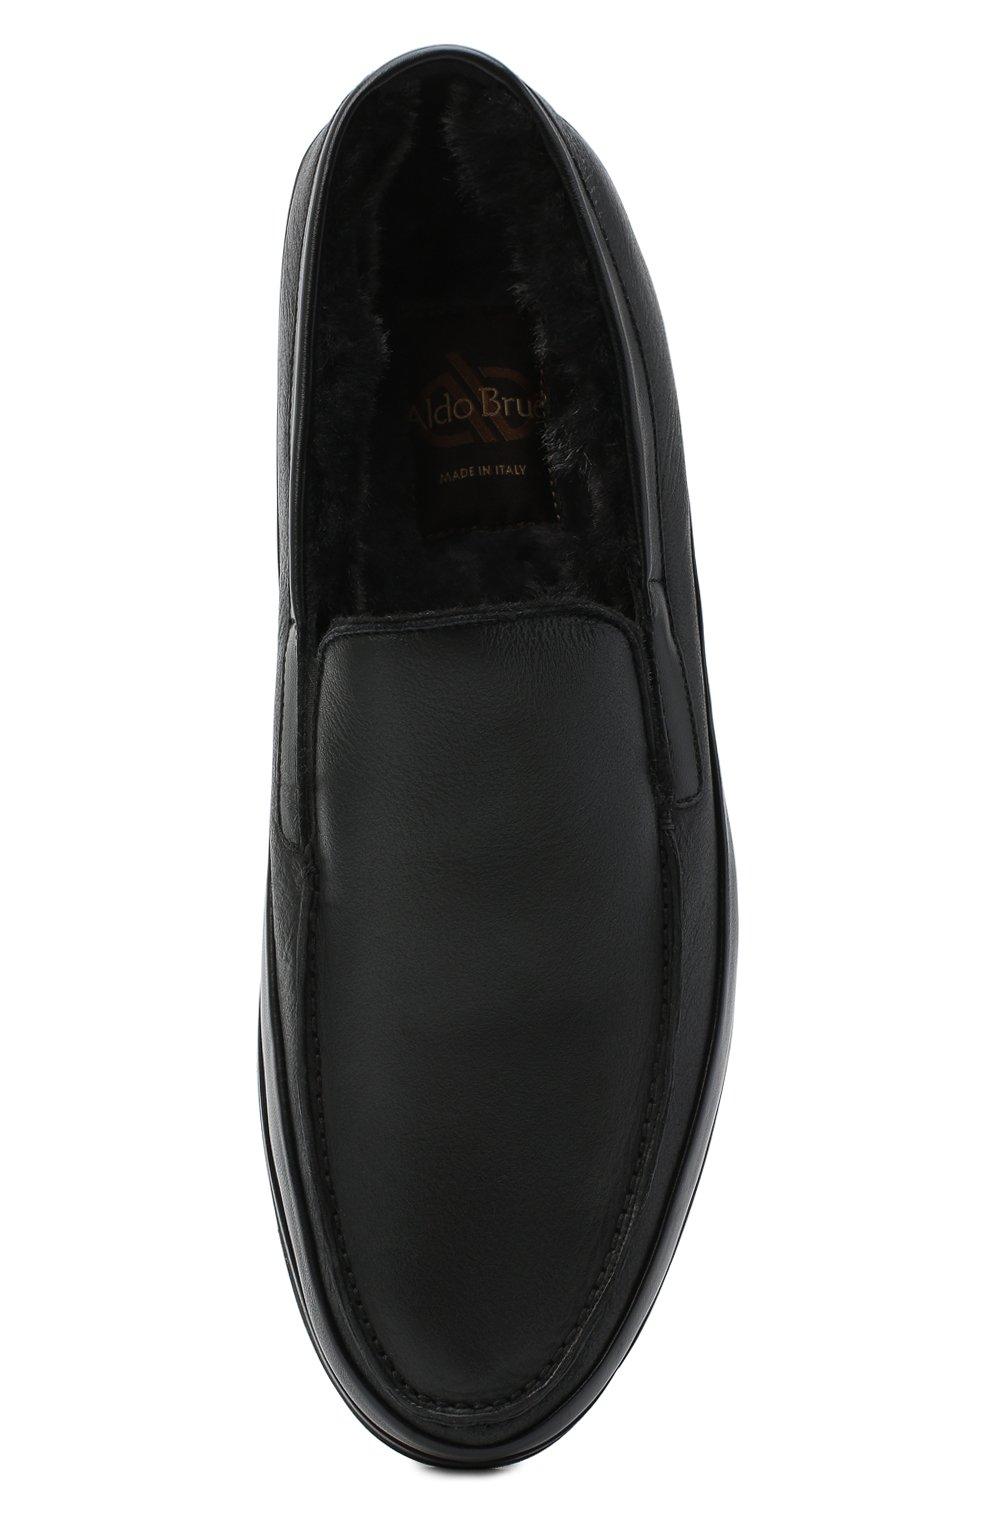 Мужские кожаные лоферы ALDO BRUE черного цвета, арт. AB8108.NMD.S.A99G   Фото 5